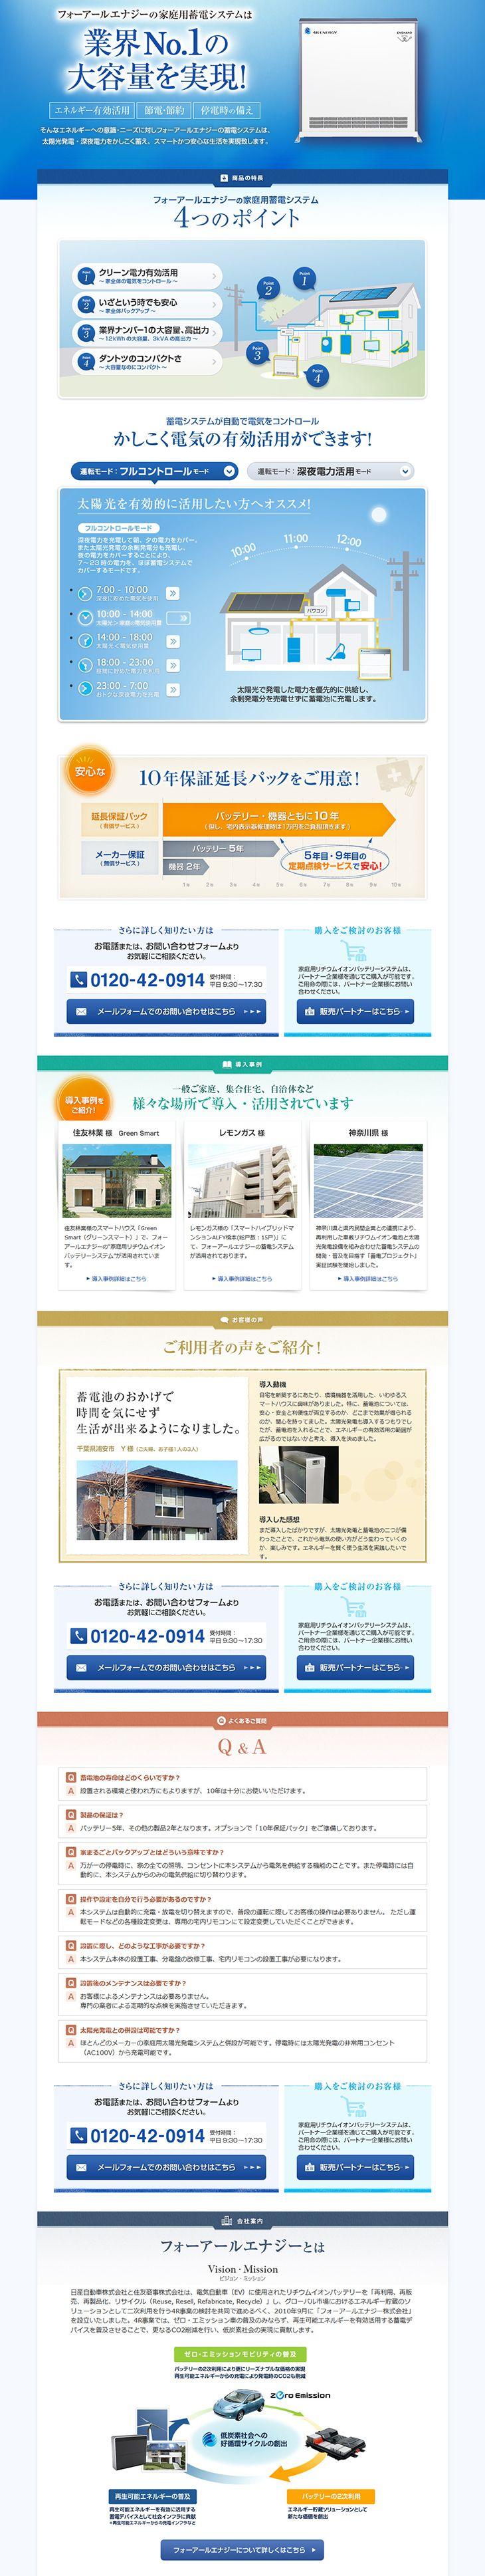 家庭用蓄電システム【サービス関連】のLPデザイン。WEBデザイナーさん必見!ランディングページのデザイン参考に(信頼・安心系)